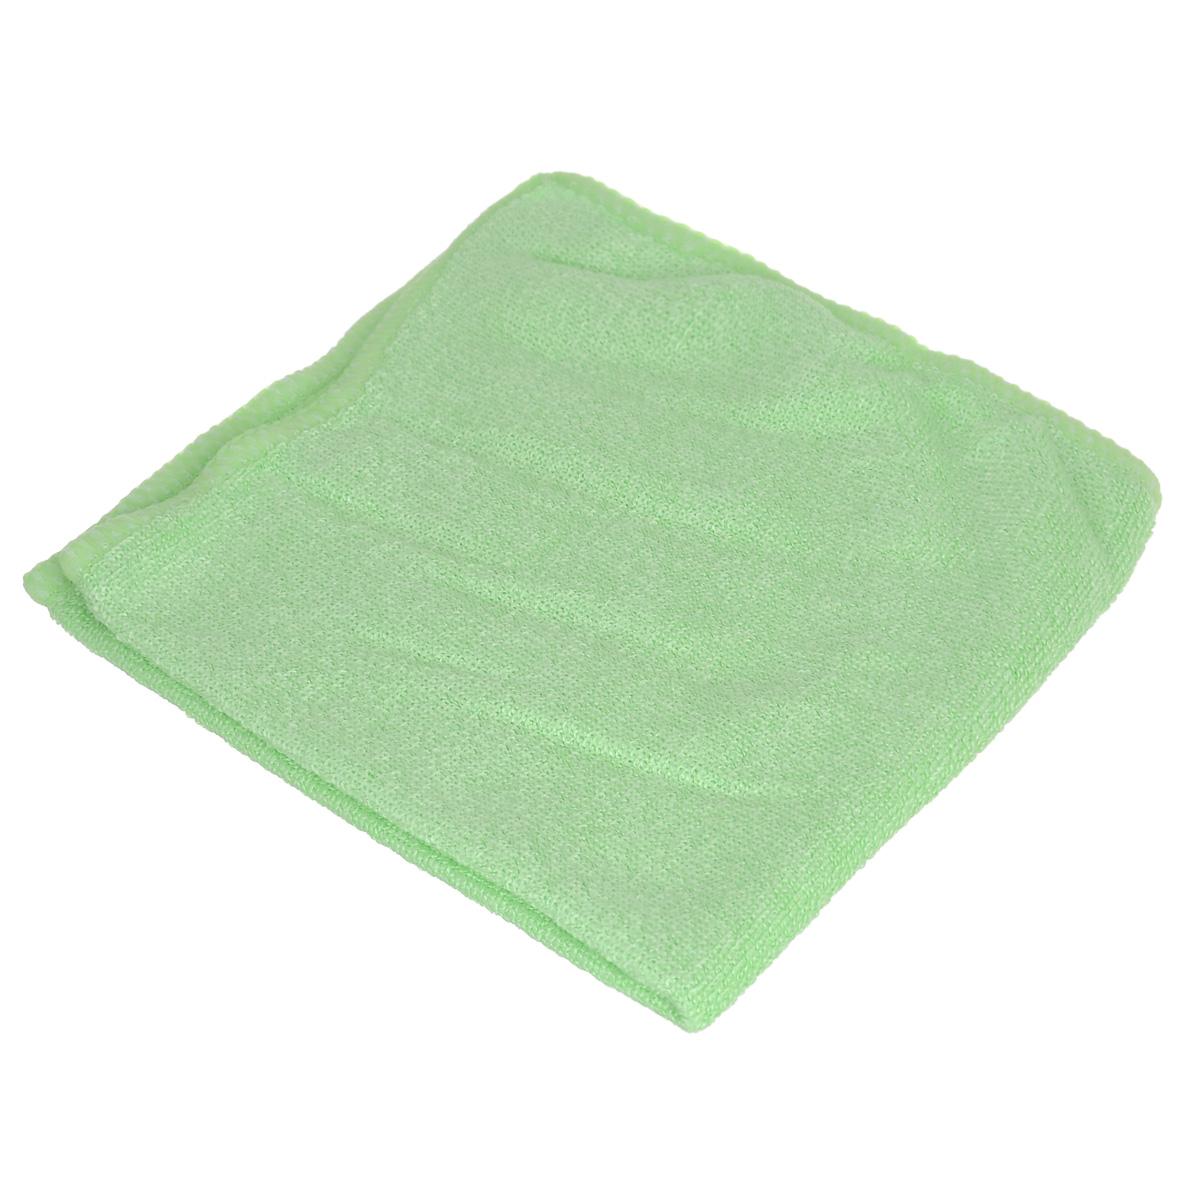 Салфетка из микрофибры для уборки Youll Love, цвет: светло-зеленый, 30 х 30 см. 5804458044Салфетка Youll Love, изготовленная из микрофибры (70% полиэфир и30%полиамид), предназначена для очищения загрязнений на любых поверхностях. Изделие обладает высокой износоустойчивостью и рассчитано на многократное использование, легко моется в теплой воде с мягкими чистящими средствами. Супервпитывающая салфетка не оставляет разводов и ворсинок, удаляет большинство жирных и маслянистых загрязнений без использования химических средств.